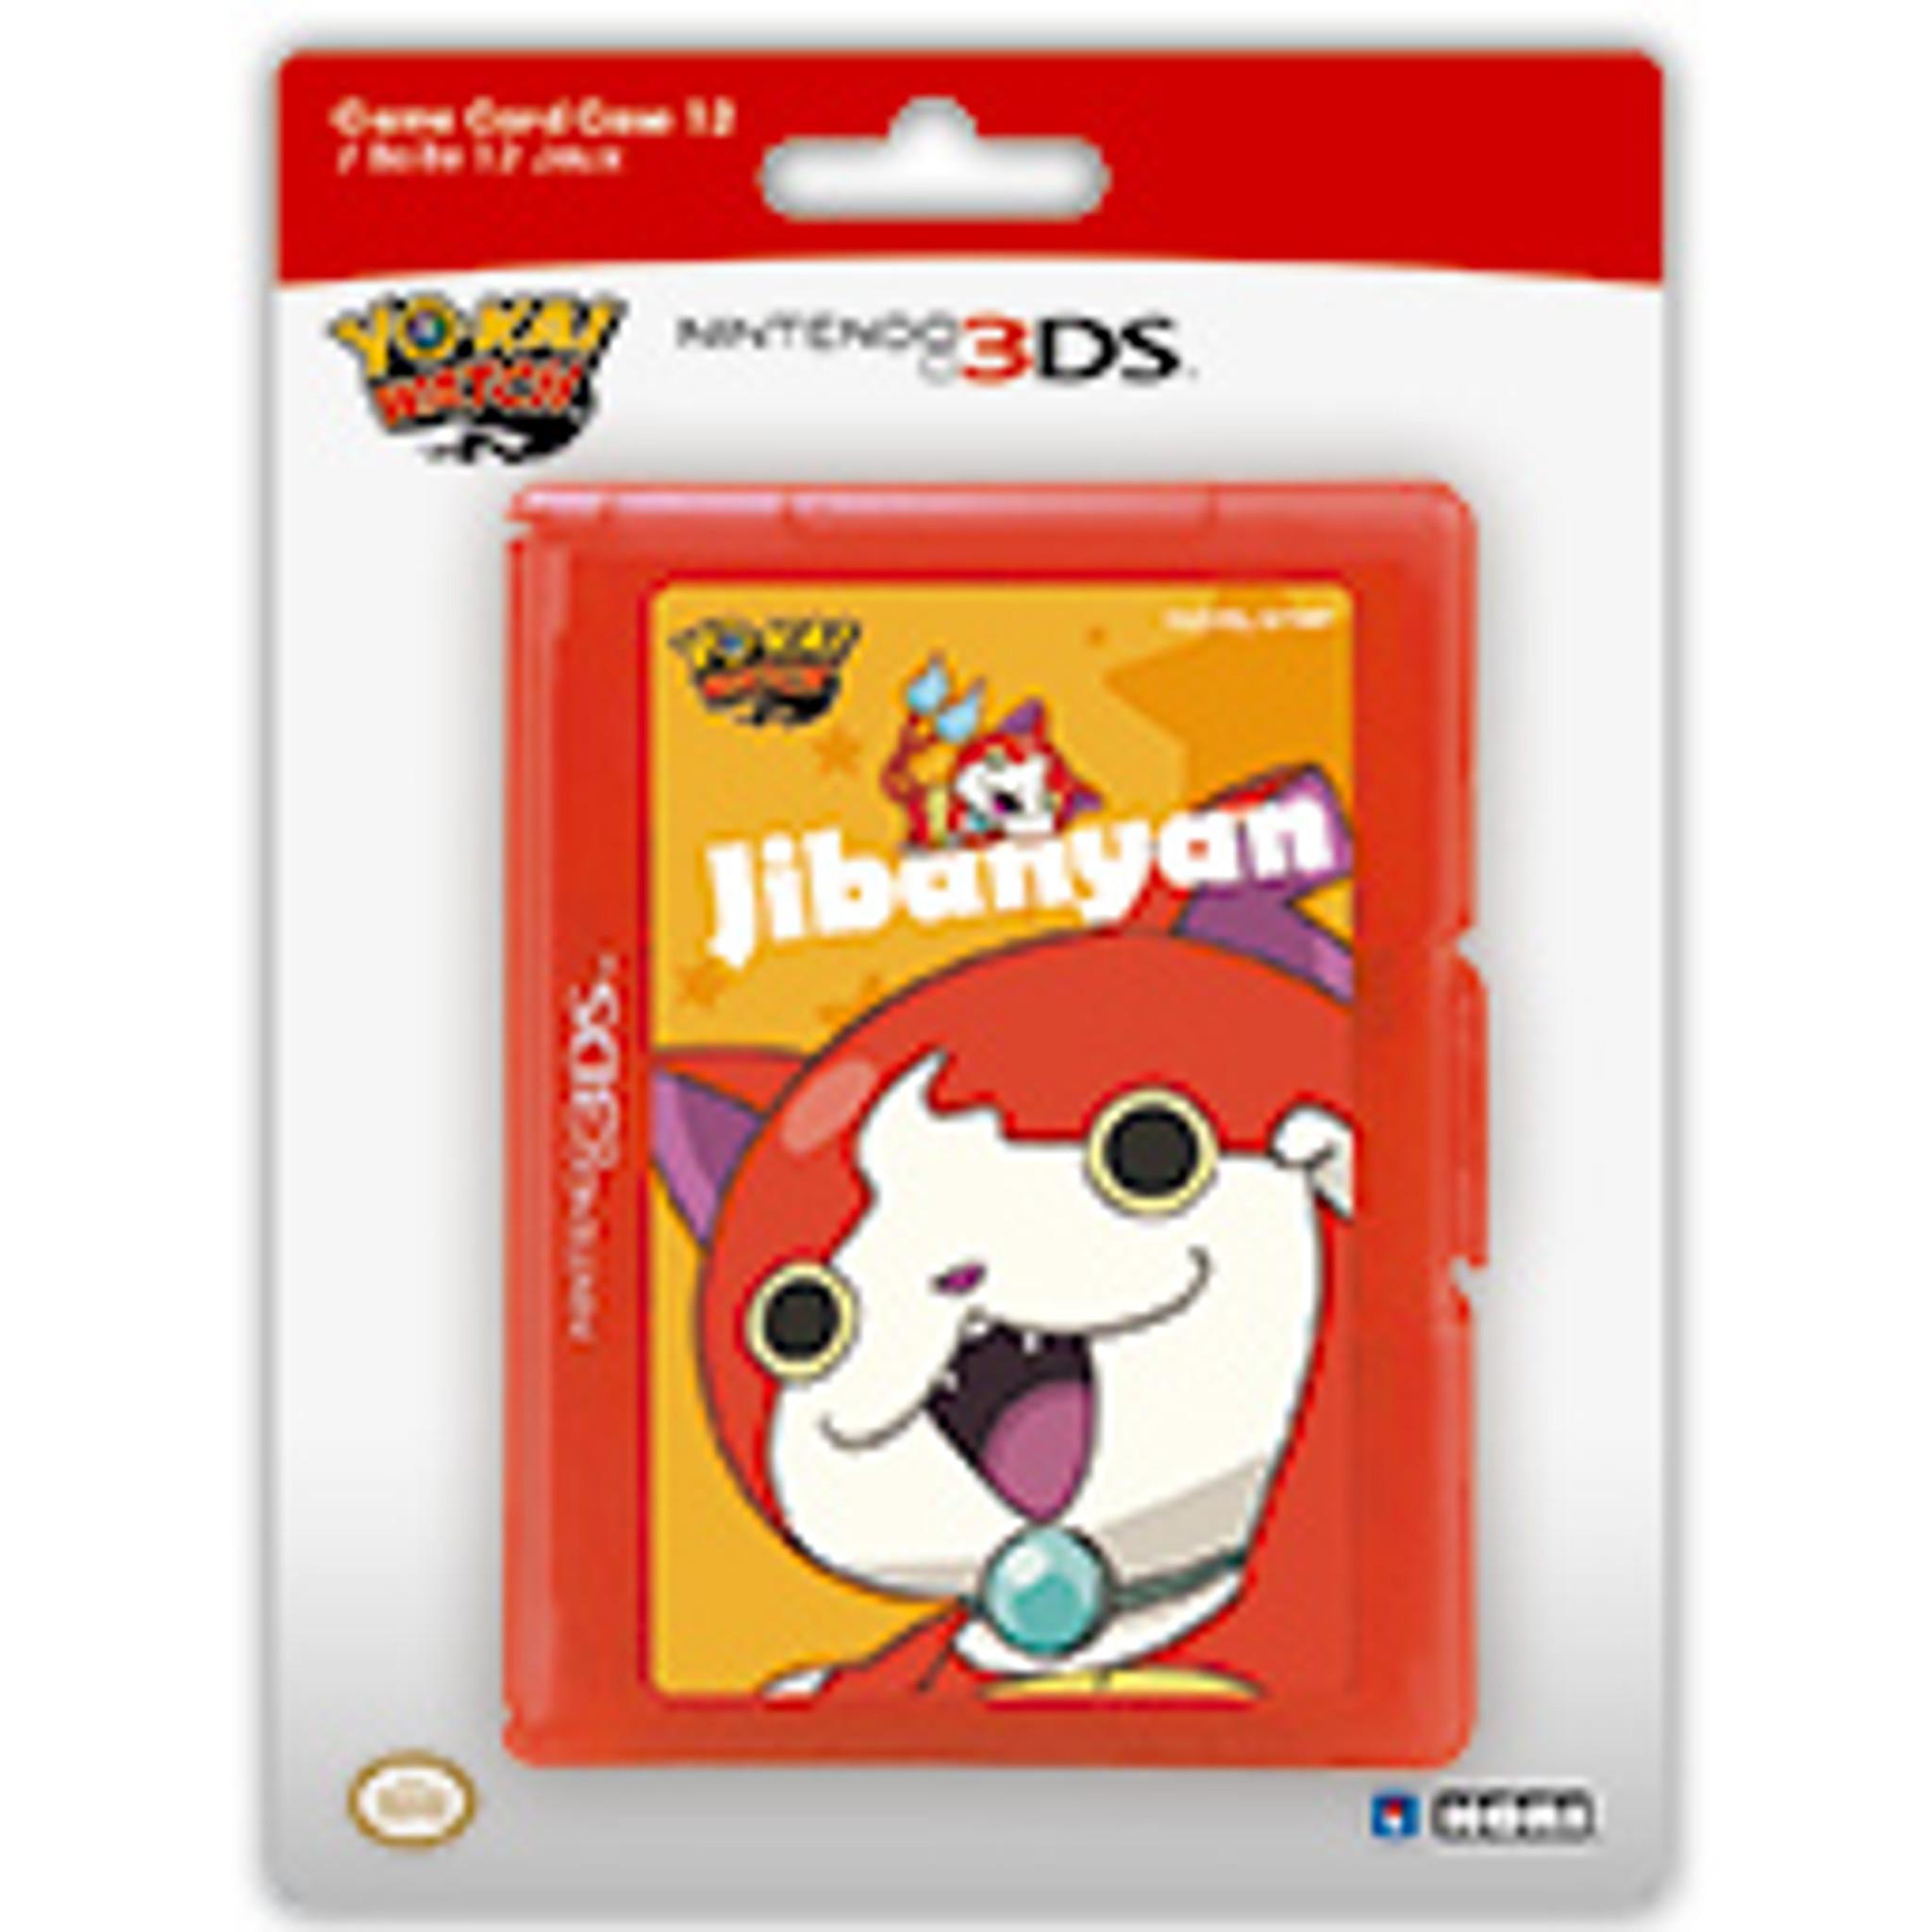 Yo-Kai Watch Game Card Case 12 (Jibanyan) for Nintendo 3DS